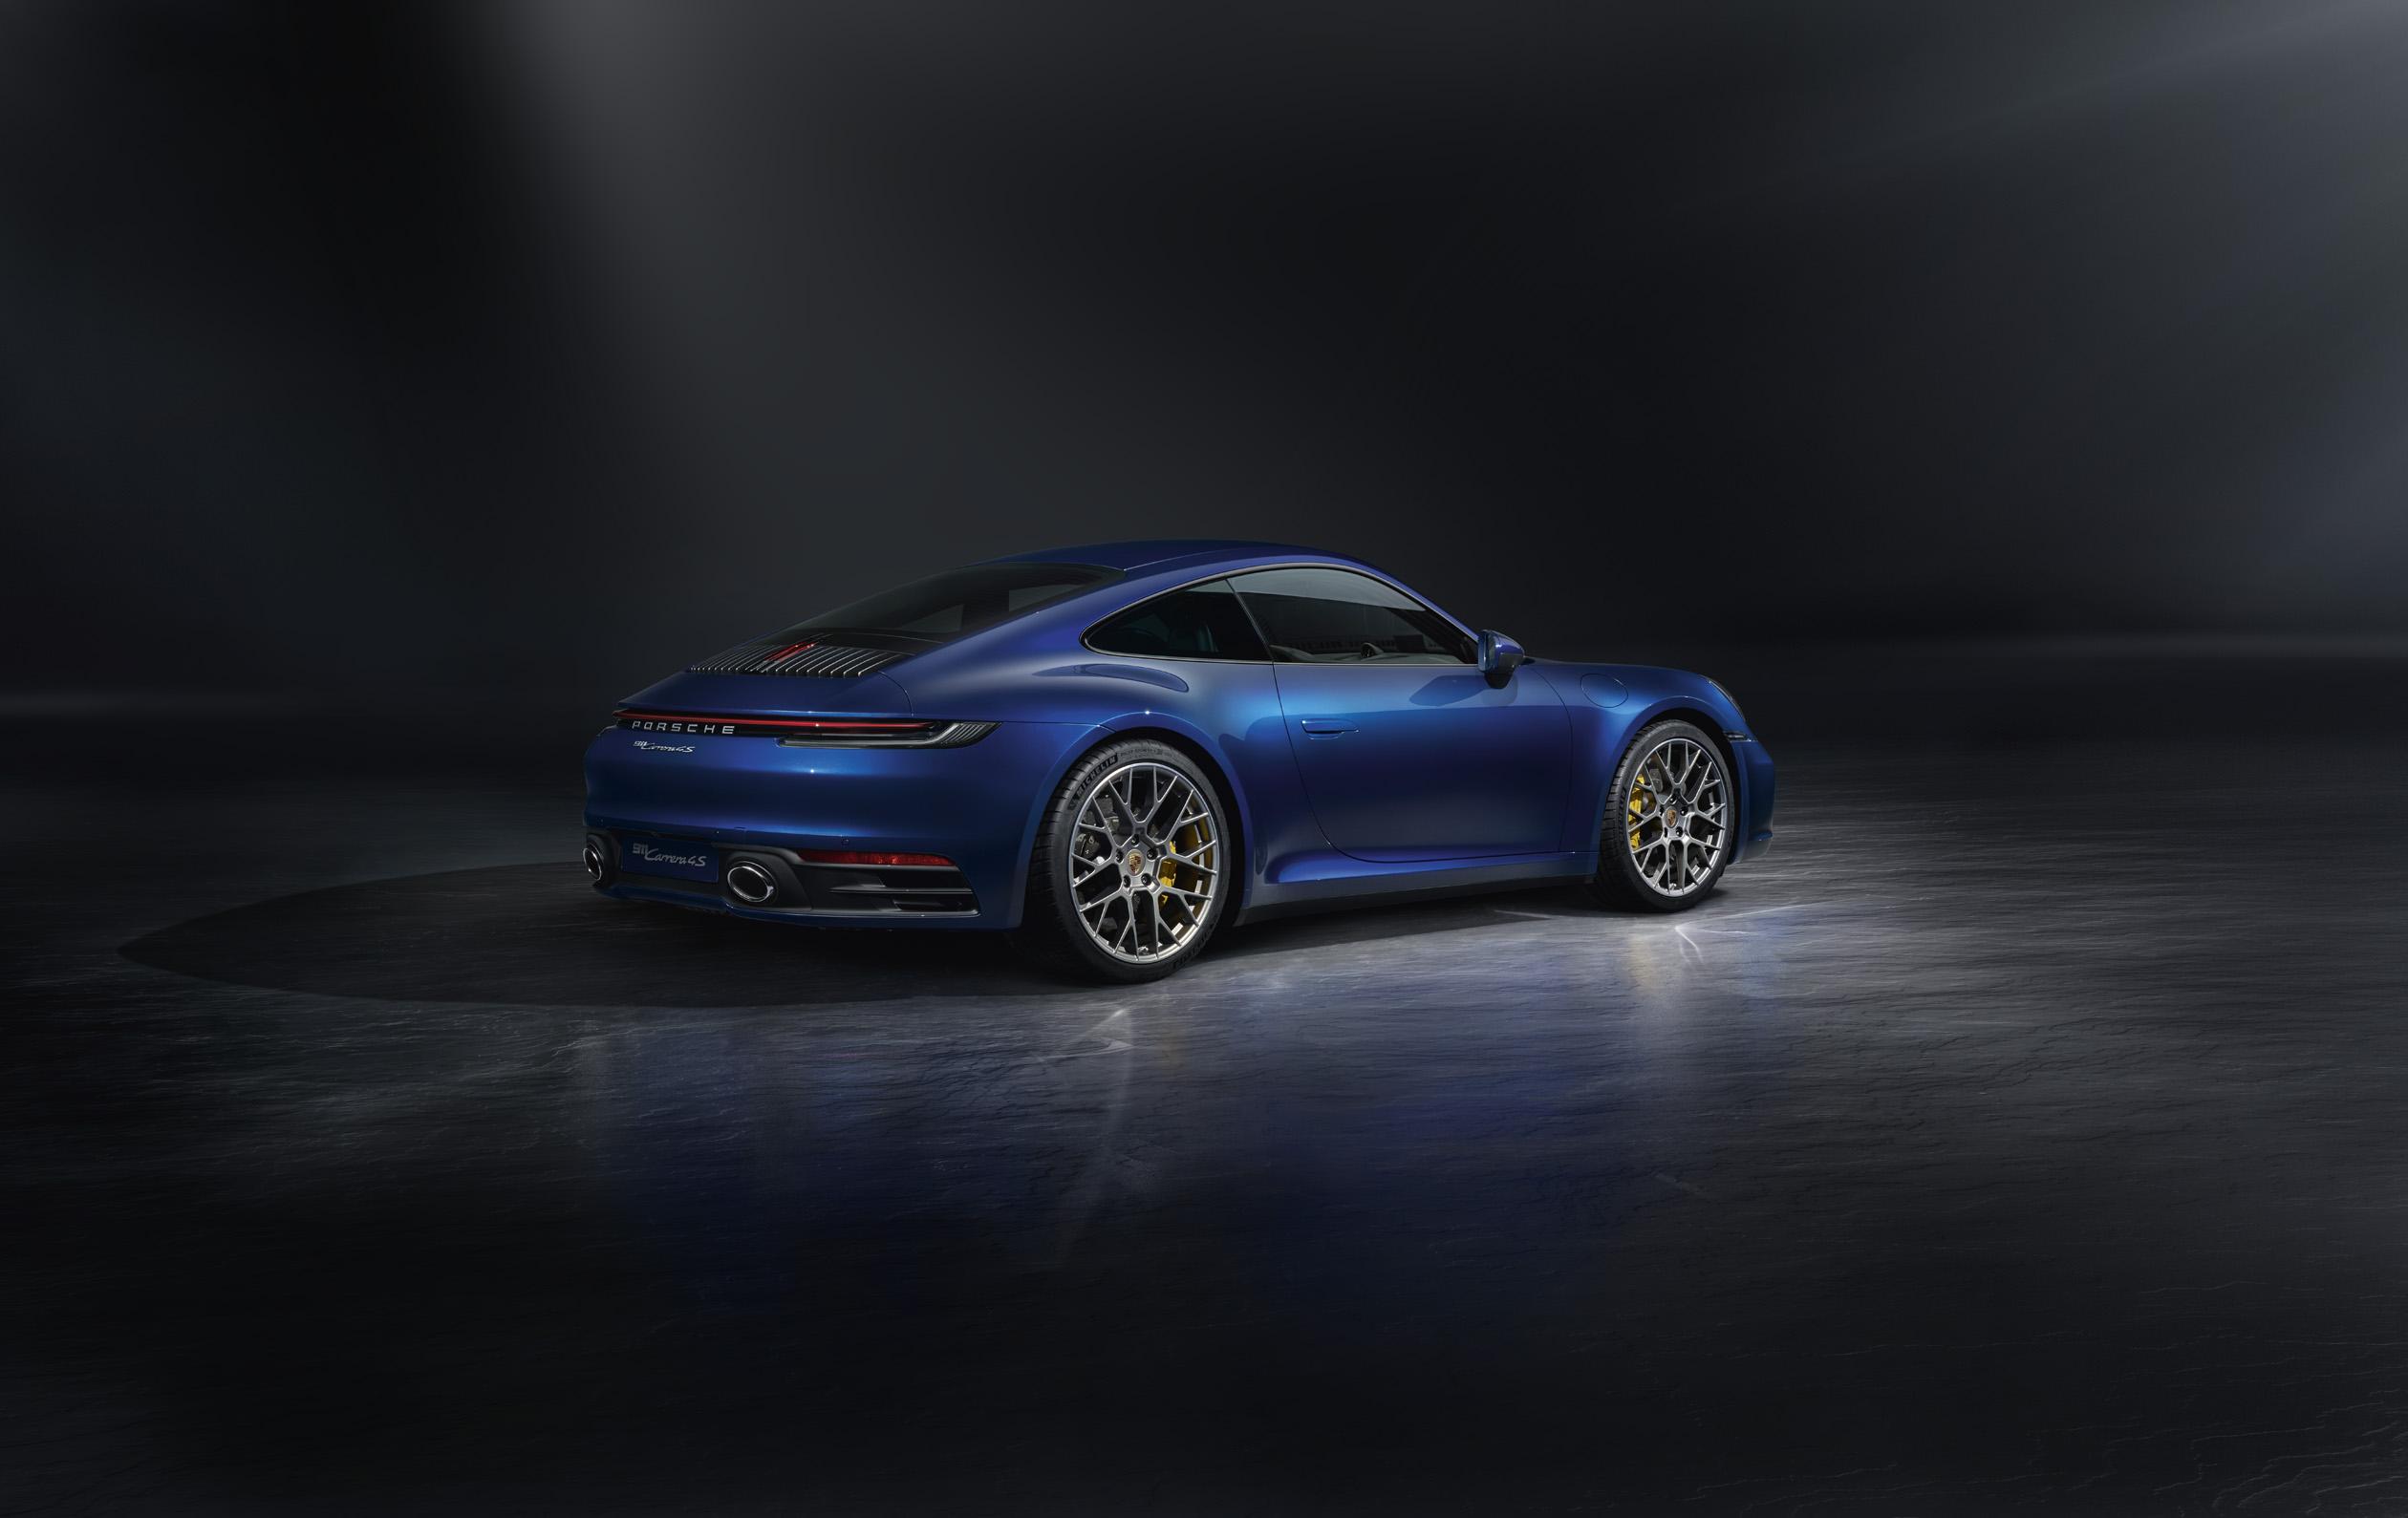 2020 Porsche 911 (992) rear 3/4